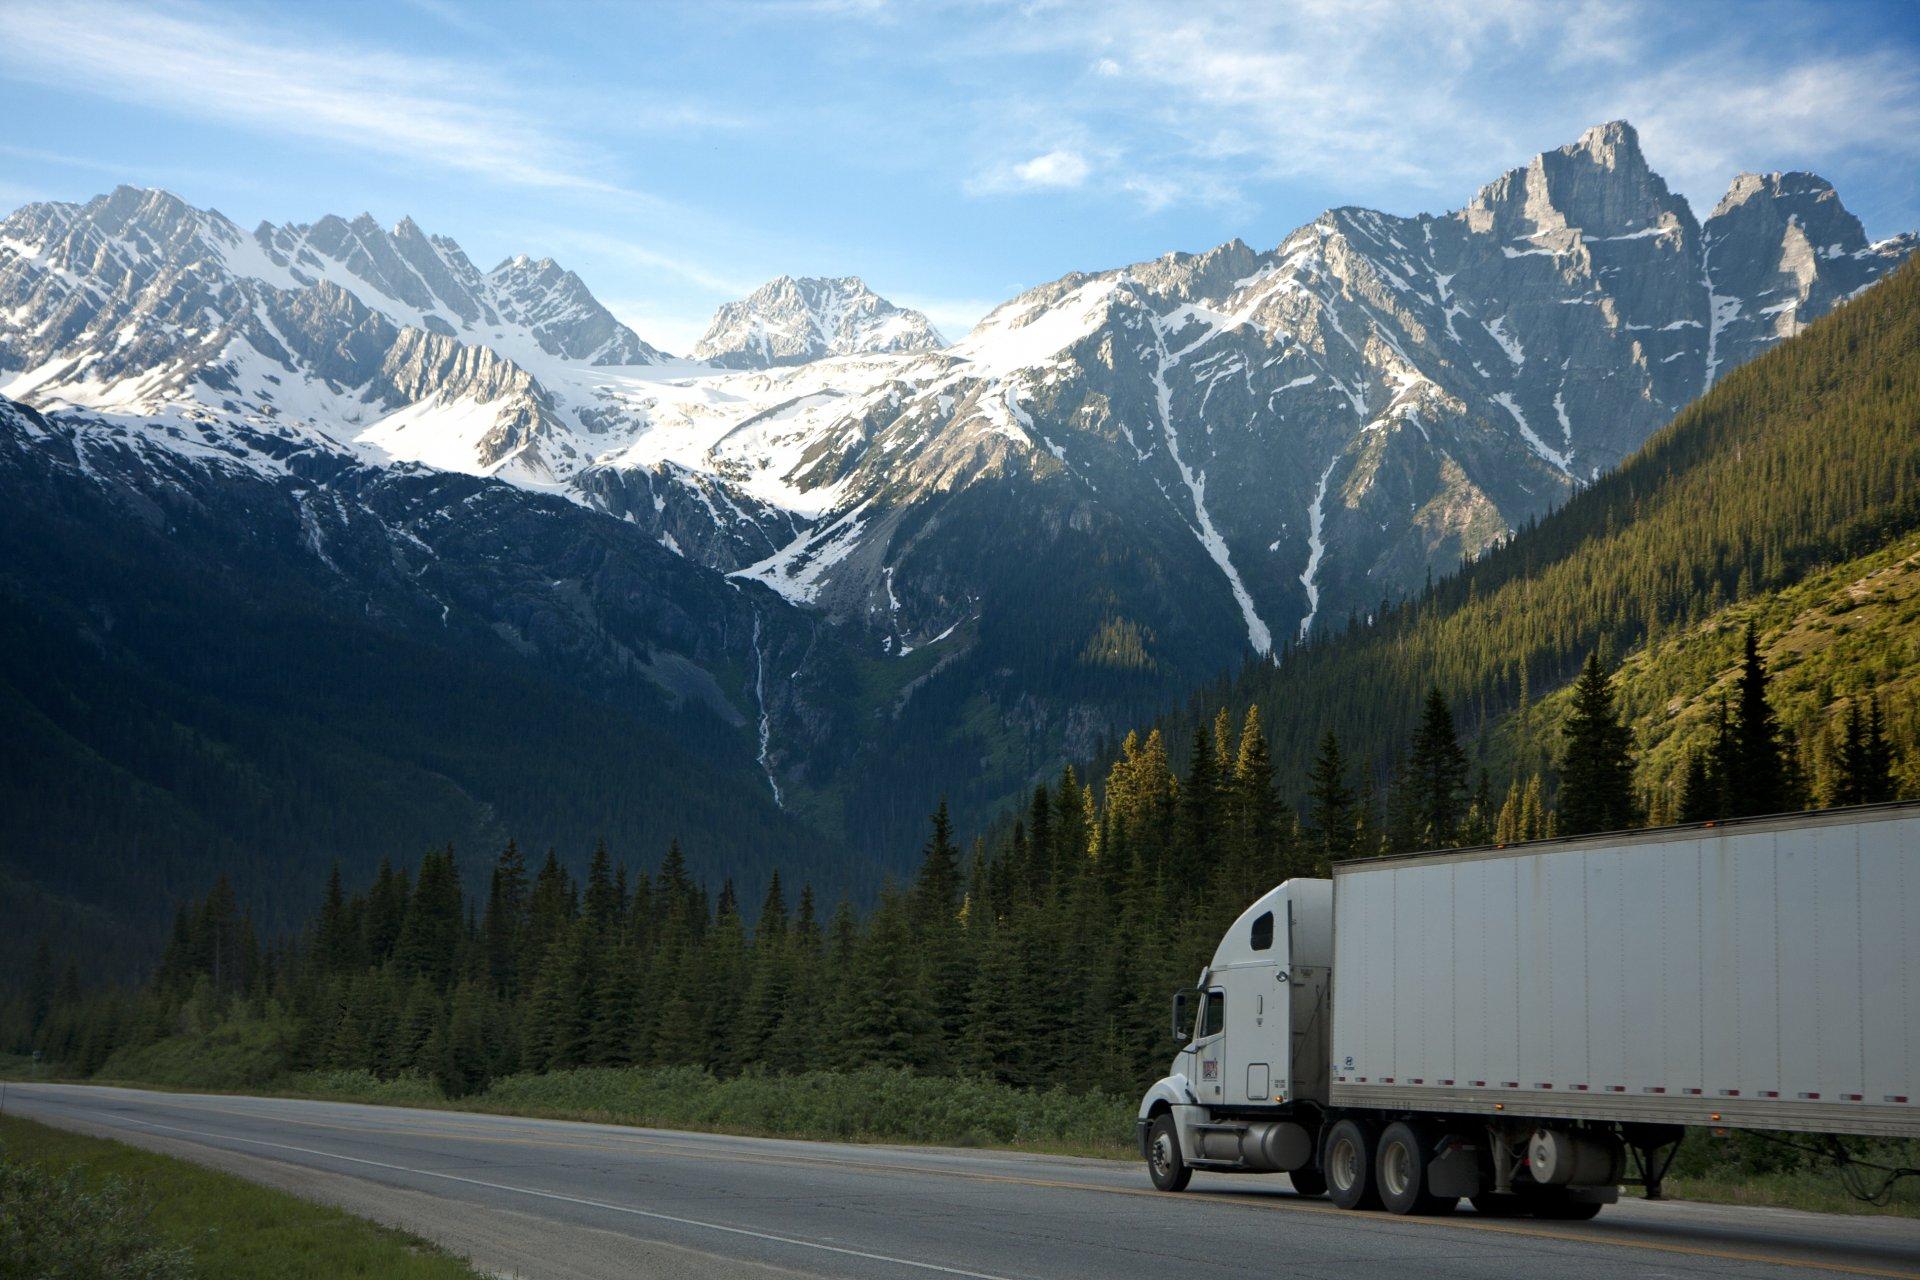 Температур баригчтай чингэлгийн тээвэр зуучийн үйлчилгээг авахдаа анхаарах зүйлс